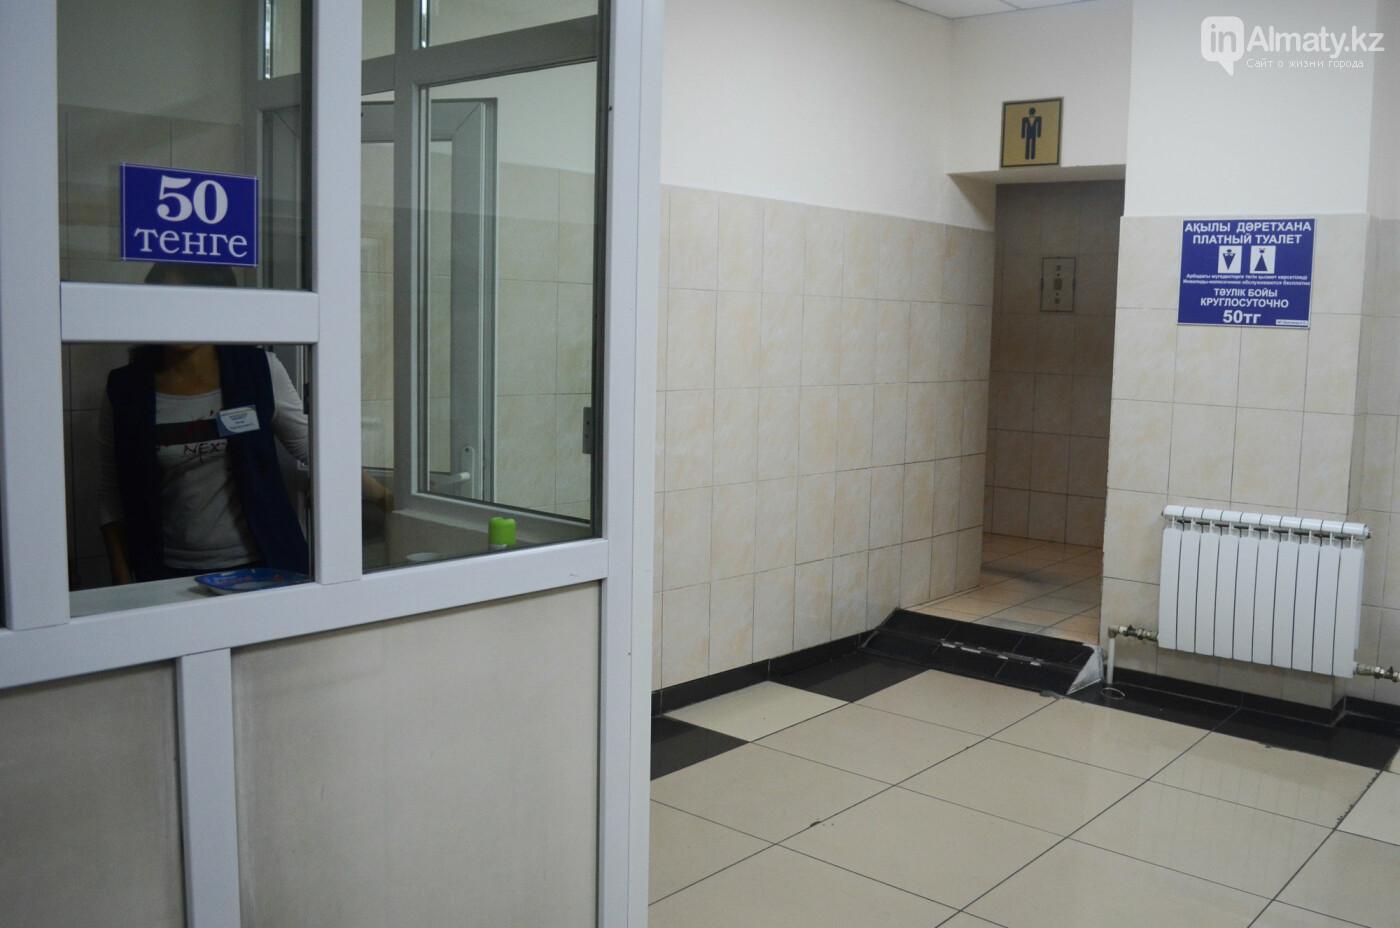 Как изменился вокзал «Алматы-2» после передачи городу , фото-3